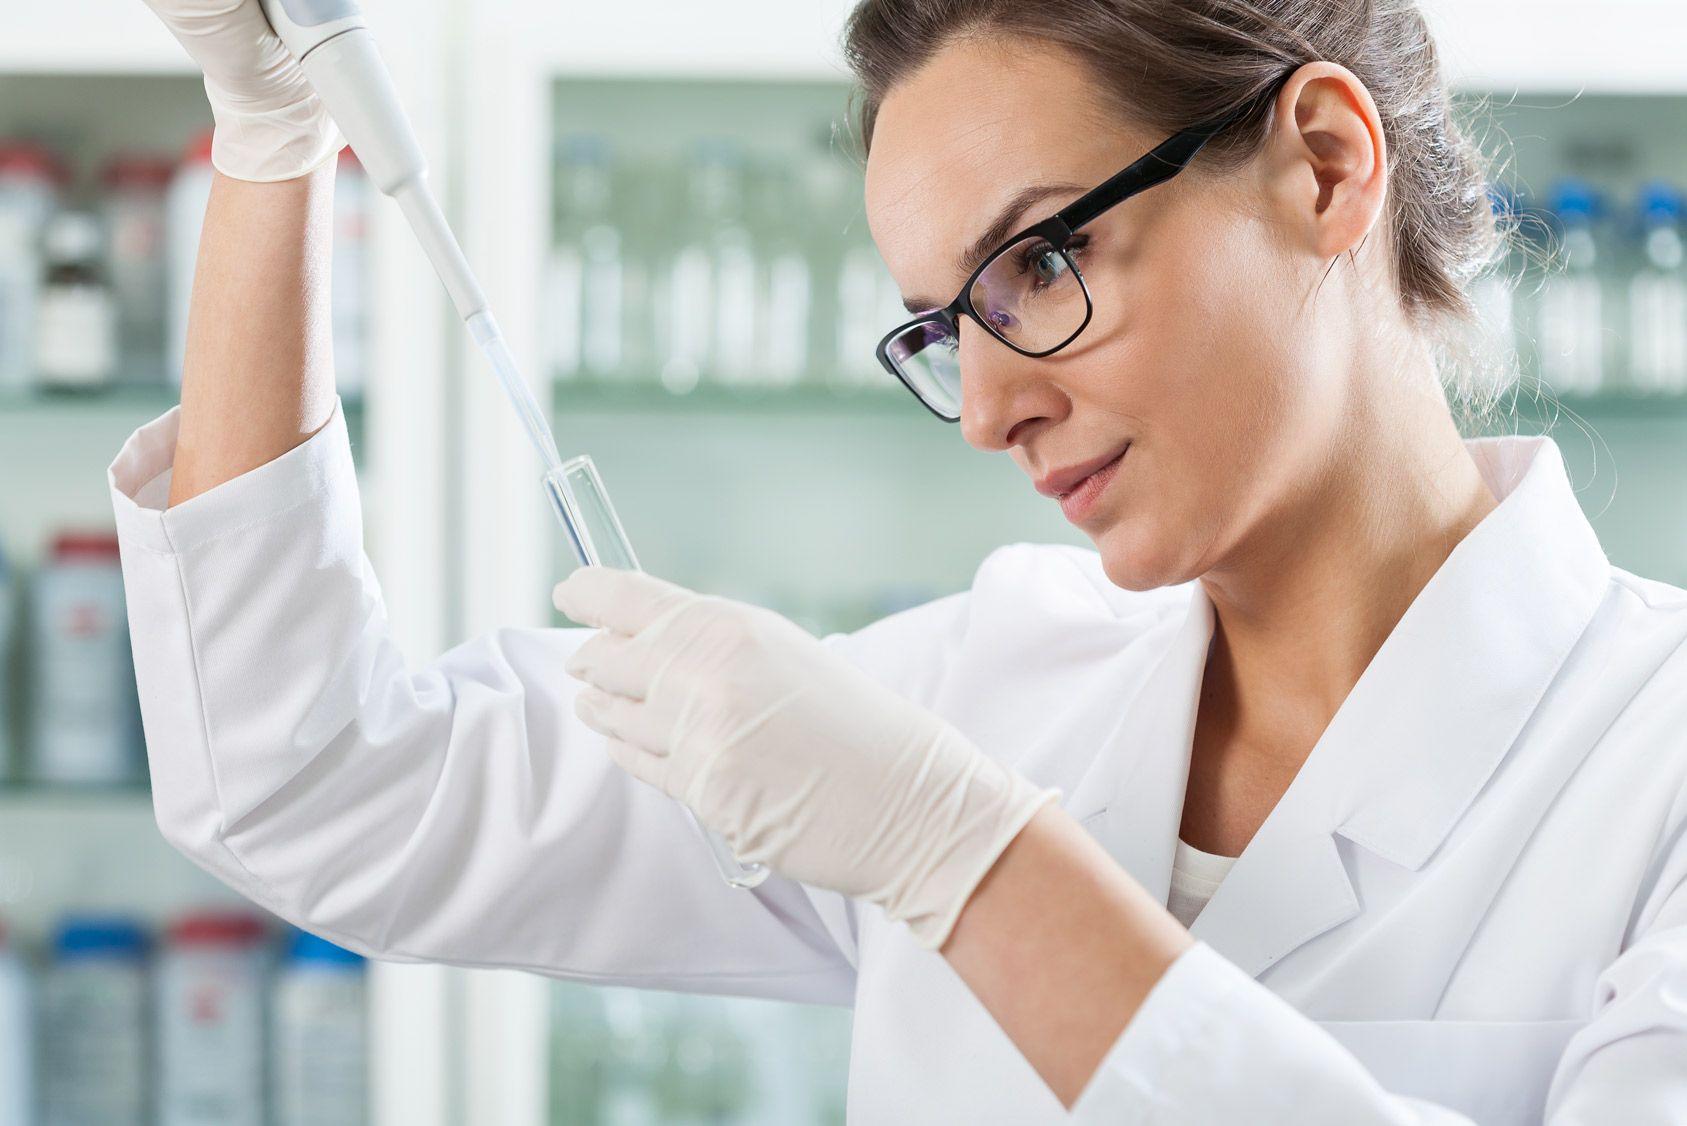 La congélation des ovocytes pour toutes les femmes? L'Académie de médecine dit oui!